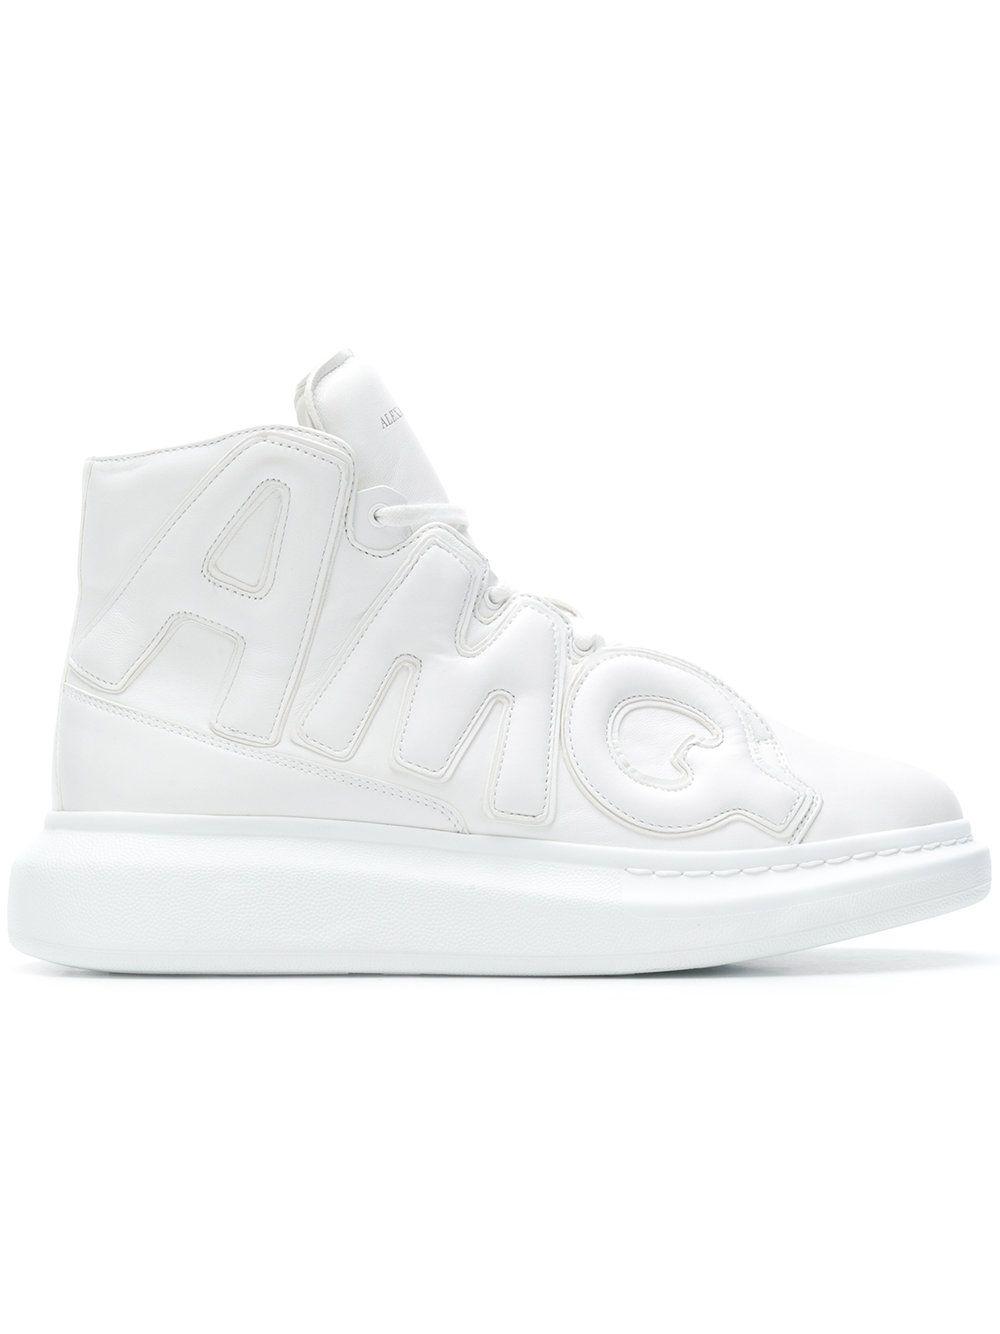 8b3003dd505a4 Alexander McQueen High top oversized sneakers